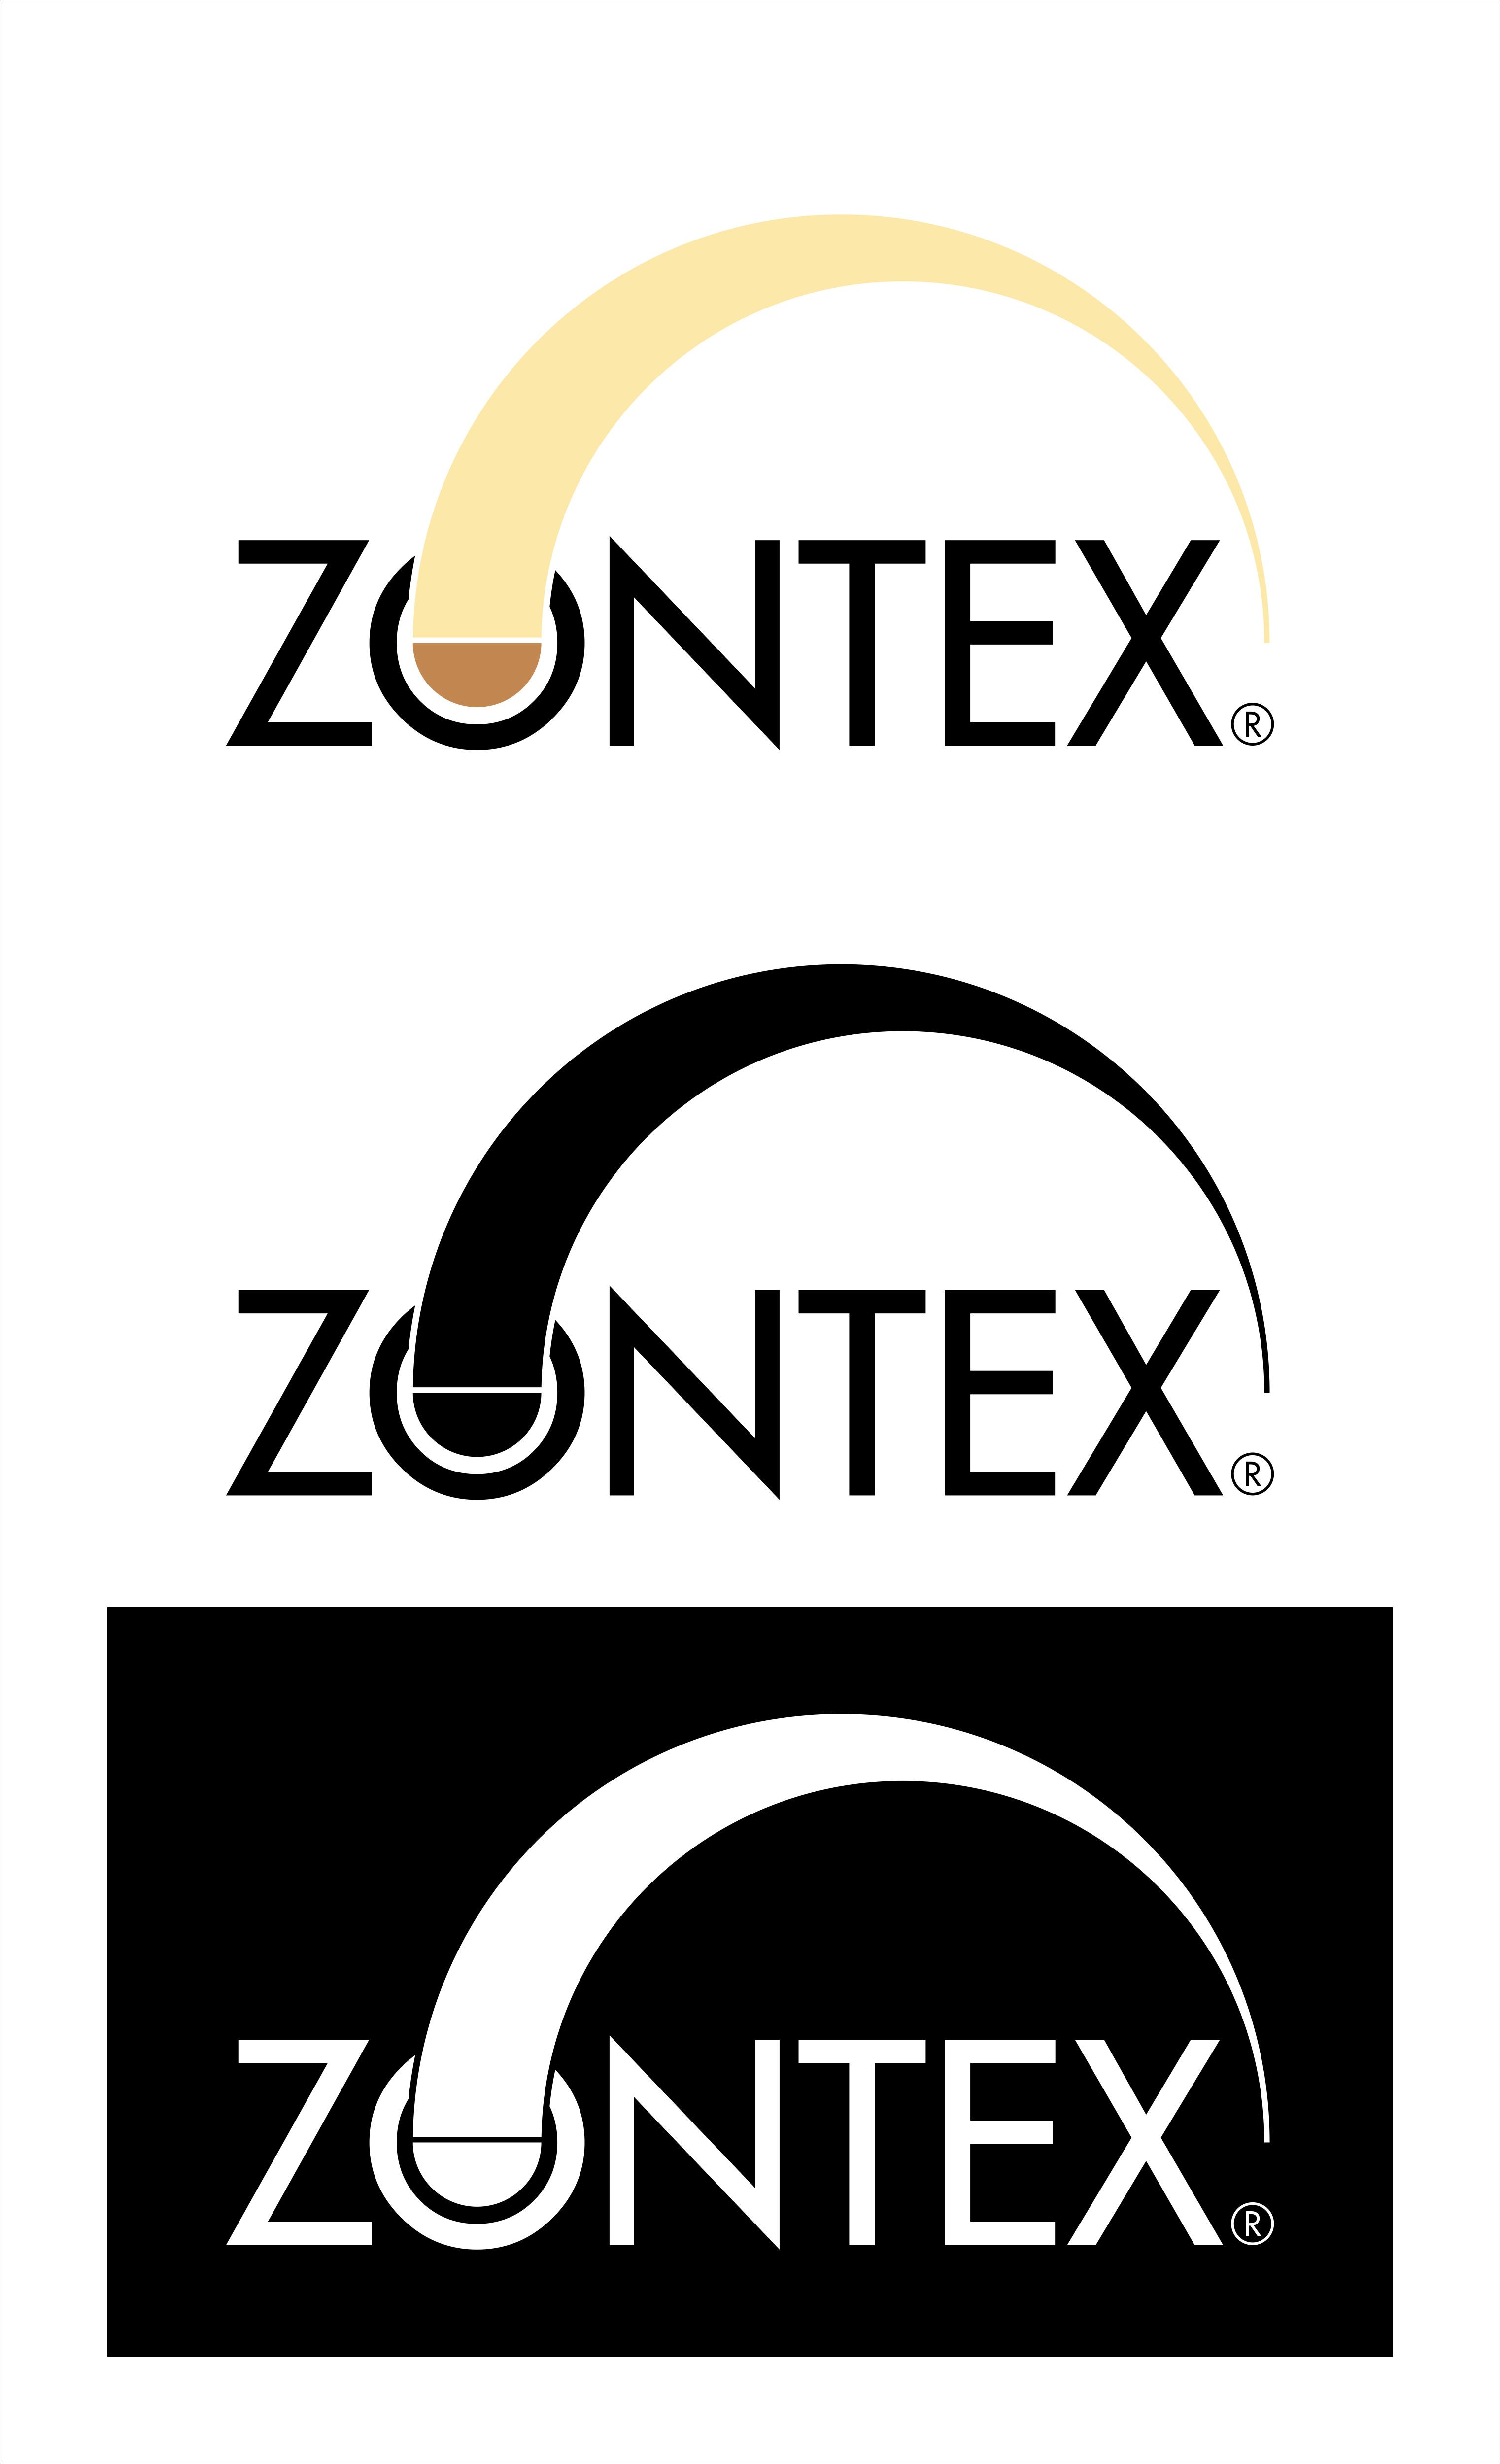 Логотип для интернет проекта фото f_3035a29297bce840.jpg